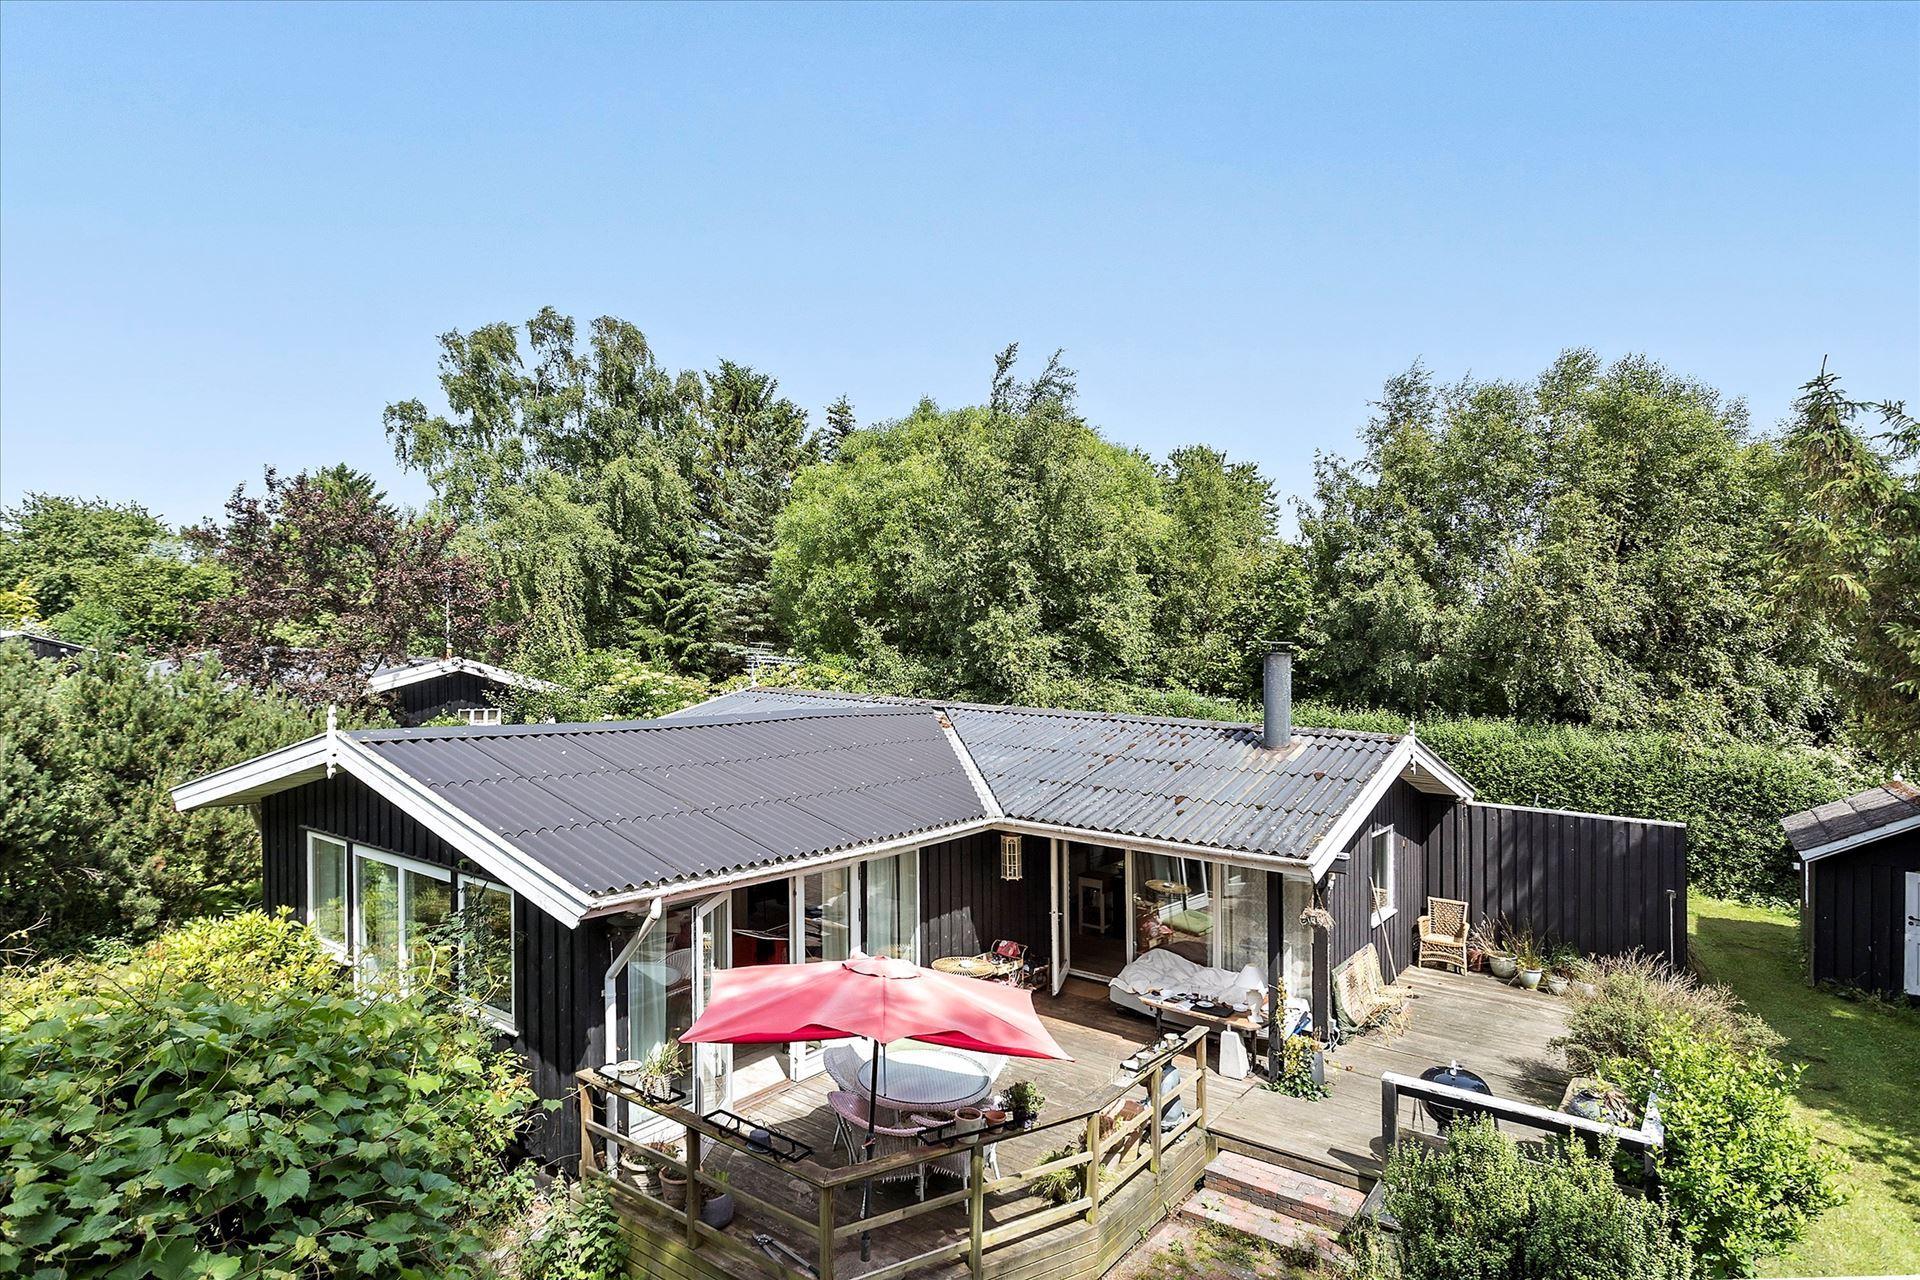 Åskellet 11, Strand Esbønderup, 3250 Gilleleje